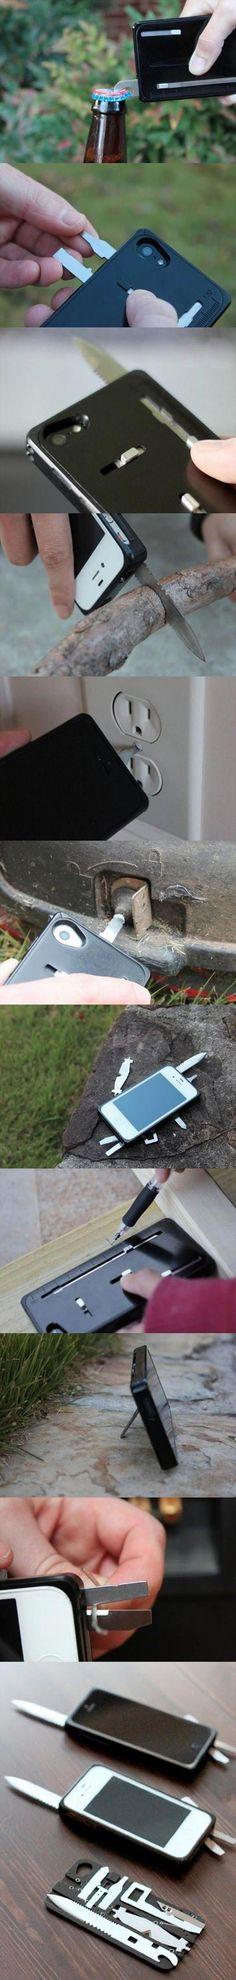 Una navaja suiza en la carcasa de tu teléfono móvil.